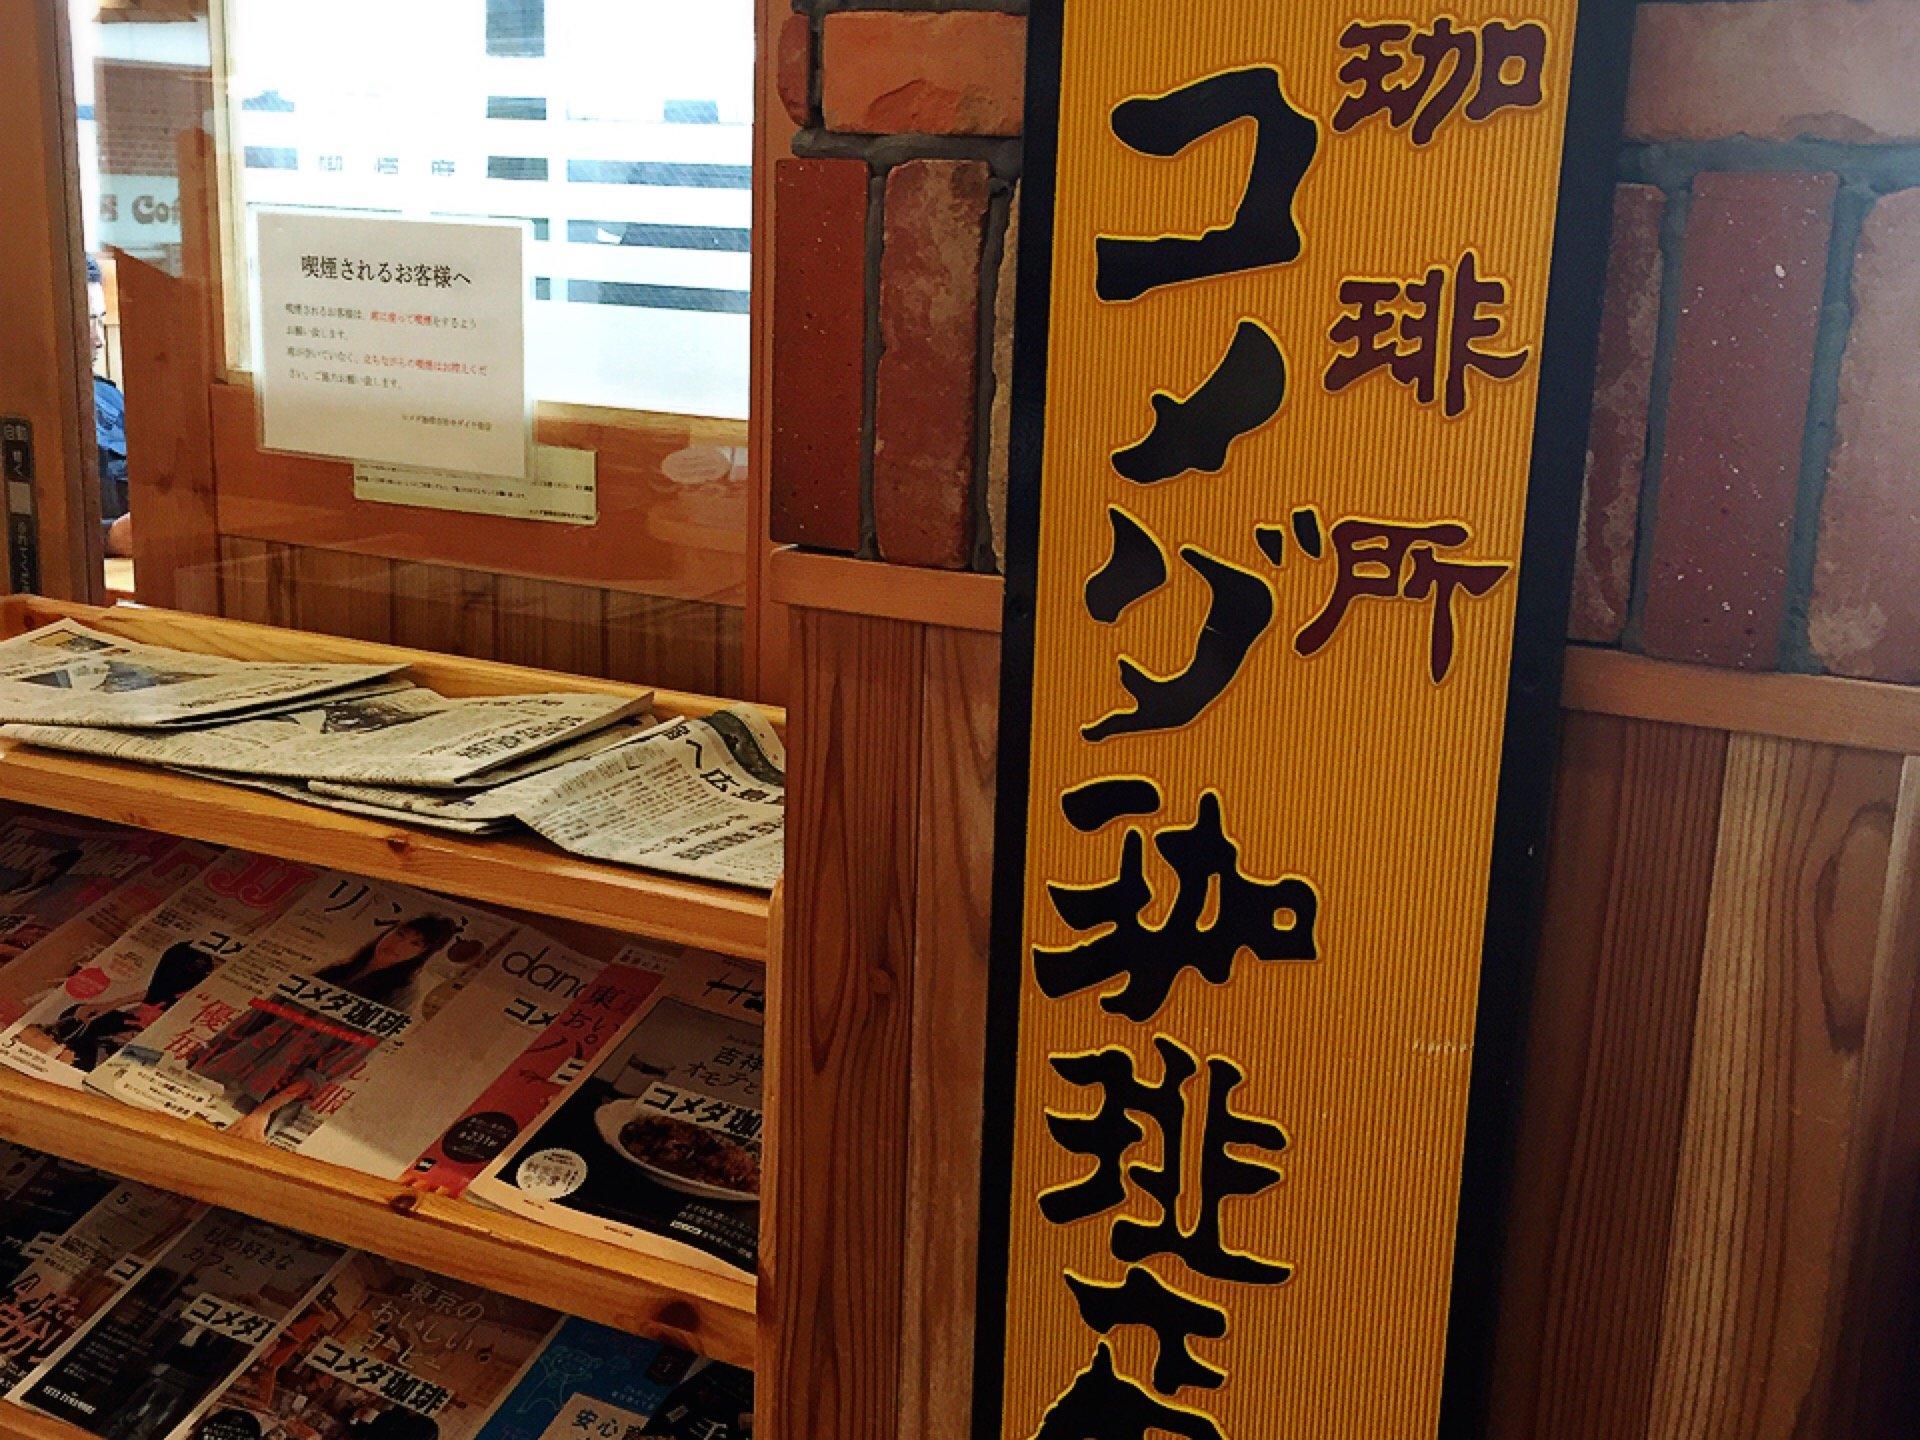 コメダ珈琲店 吉祥寺ダイヤ街店